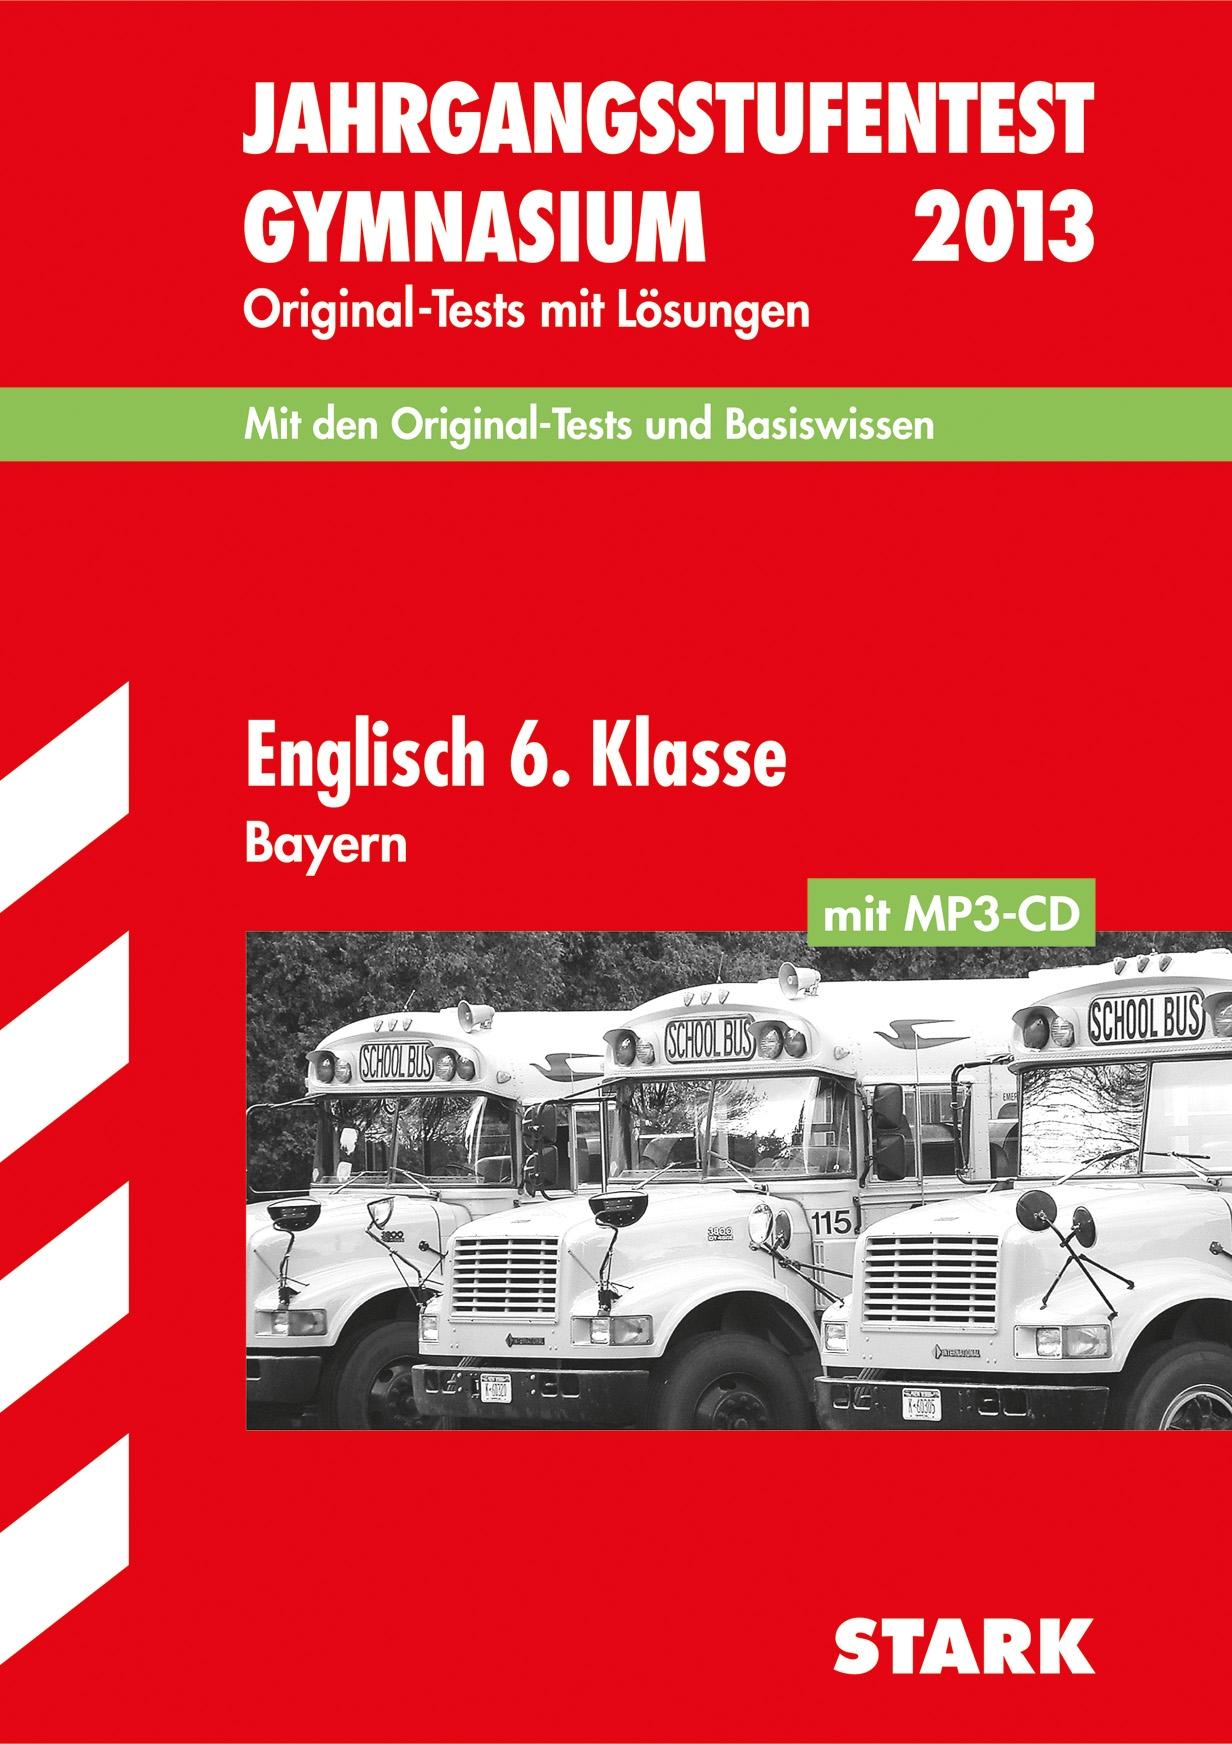 Jahrgangsstufentest Gymnasium Bayern / Englisch 6. Klasse mit MP3-CD: Original-Tests und Basiswissen mit Lösungen.